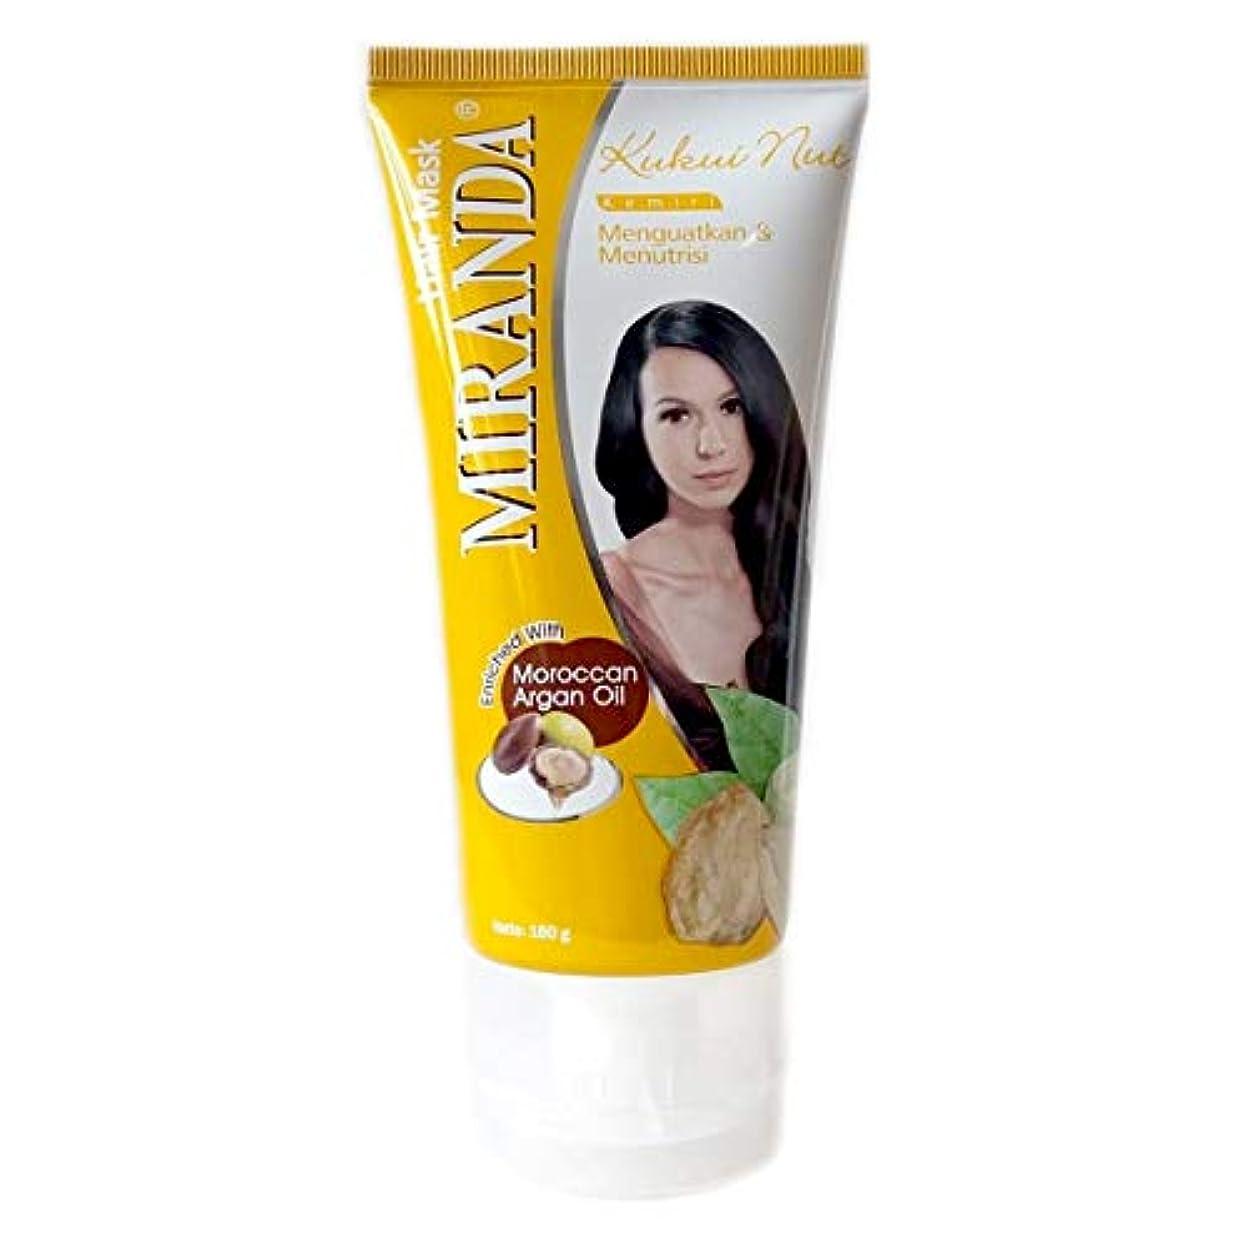 まさに浴トランクMIRANDA ミランダ Hair Mask ヘアマスク モロッカンアルガンオイル主成分のヘアトリートメント 160g Kukui nut クミリ [海外直送品]